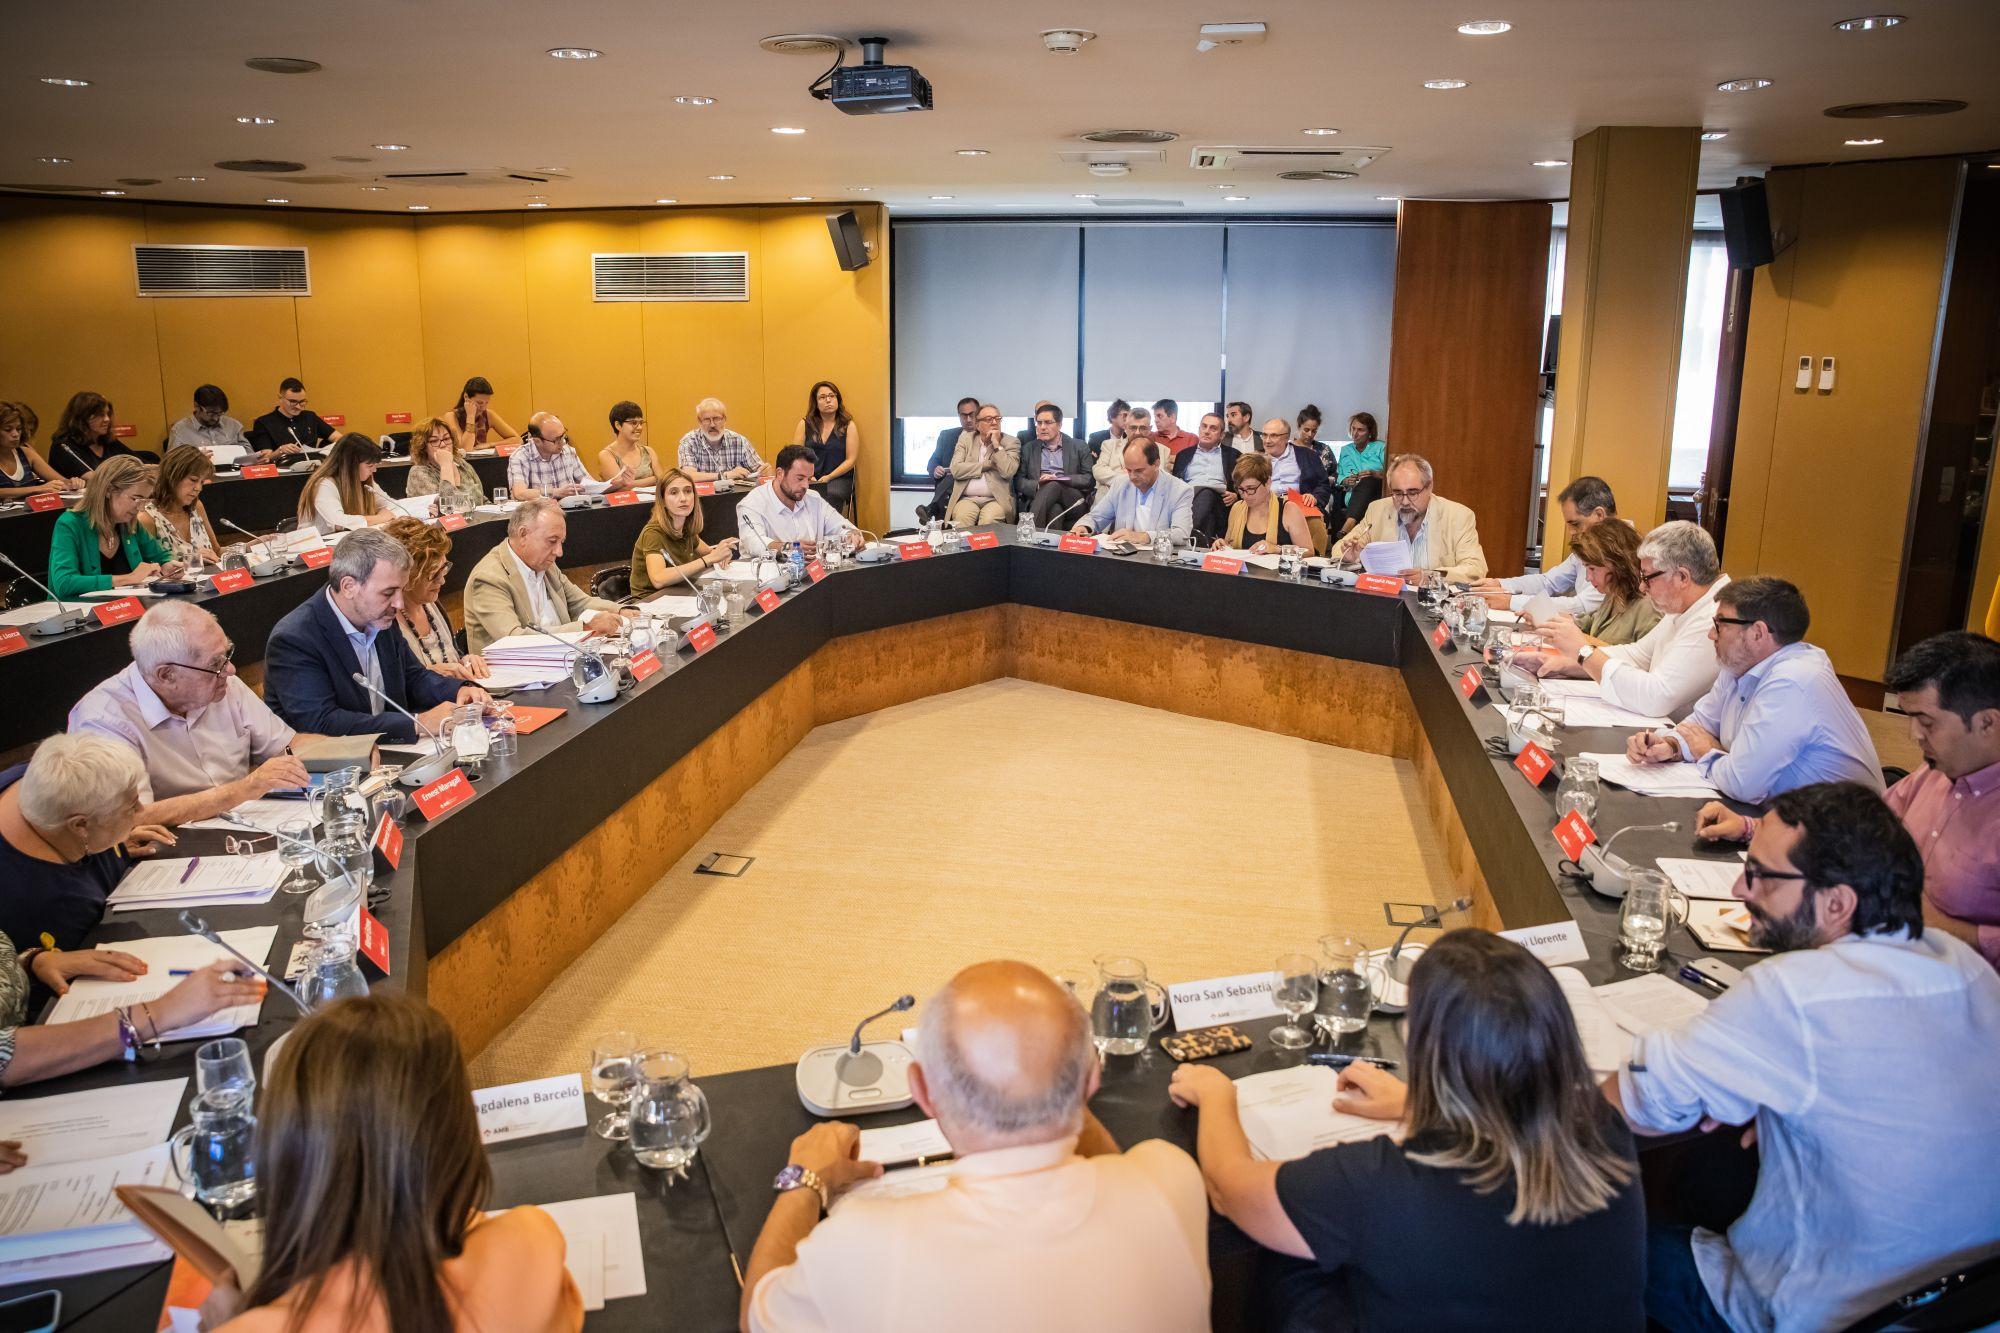 El ple extraordinari del Consell Metropolità es va celebrar el 31 de juliol